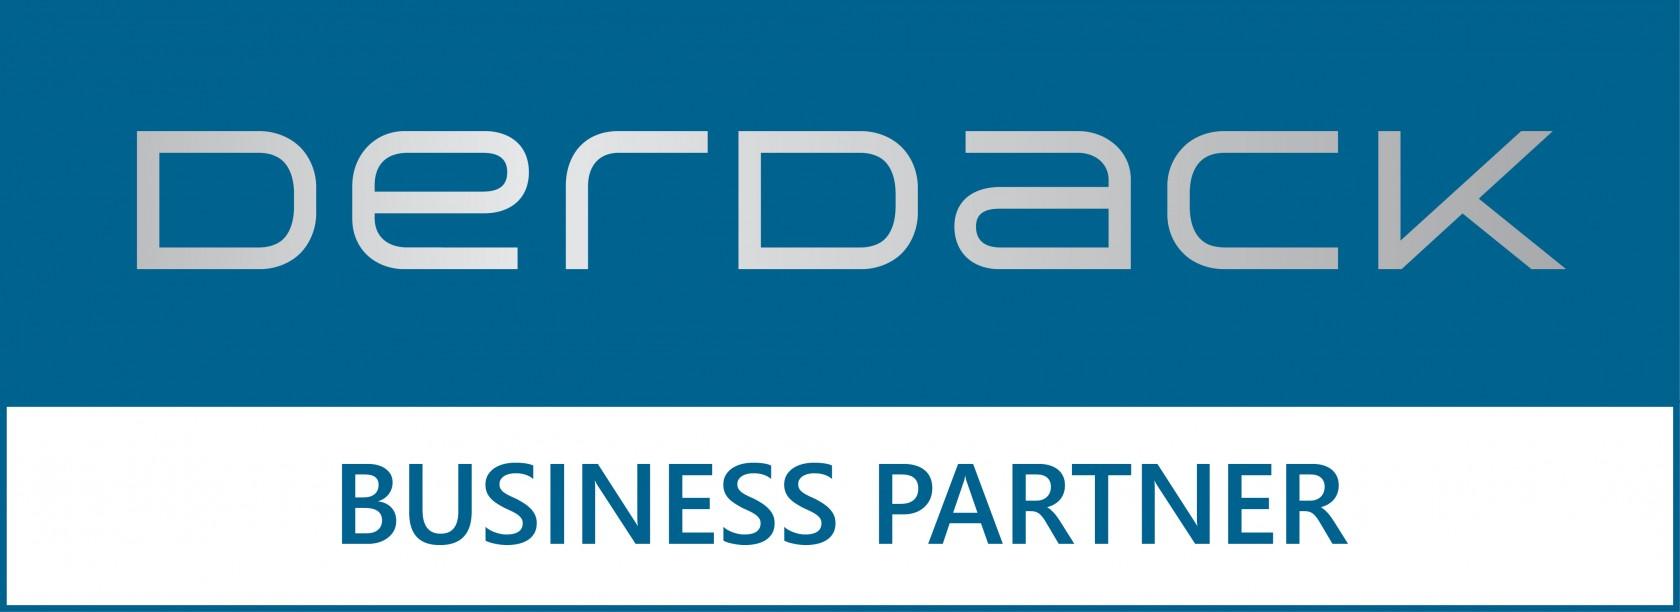 Partner Level Business